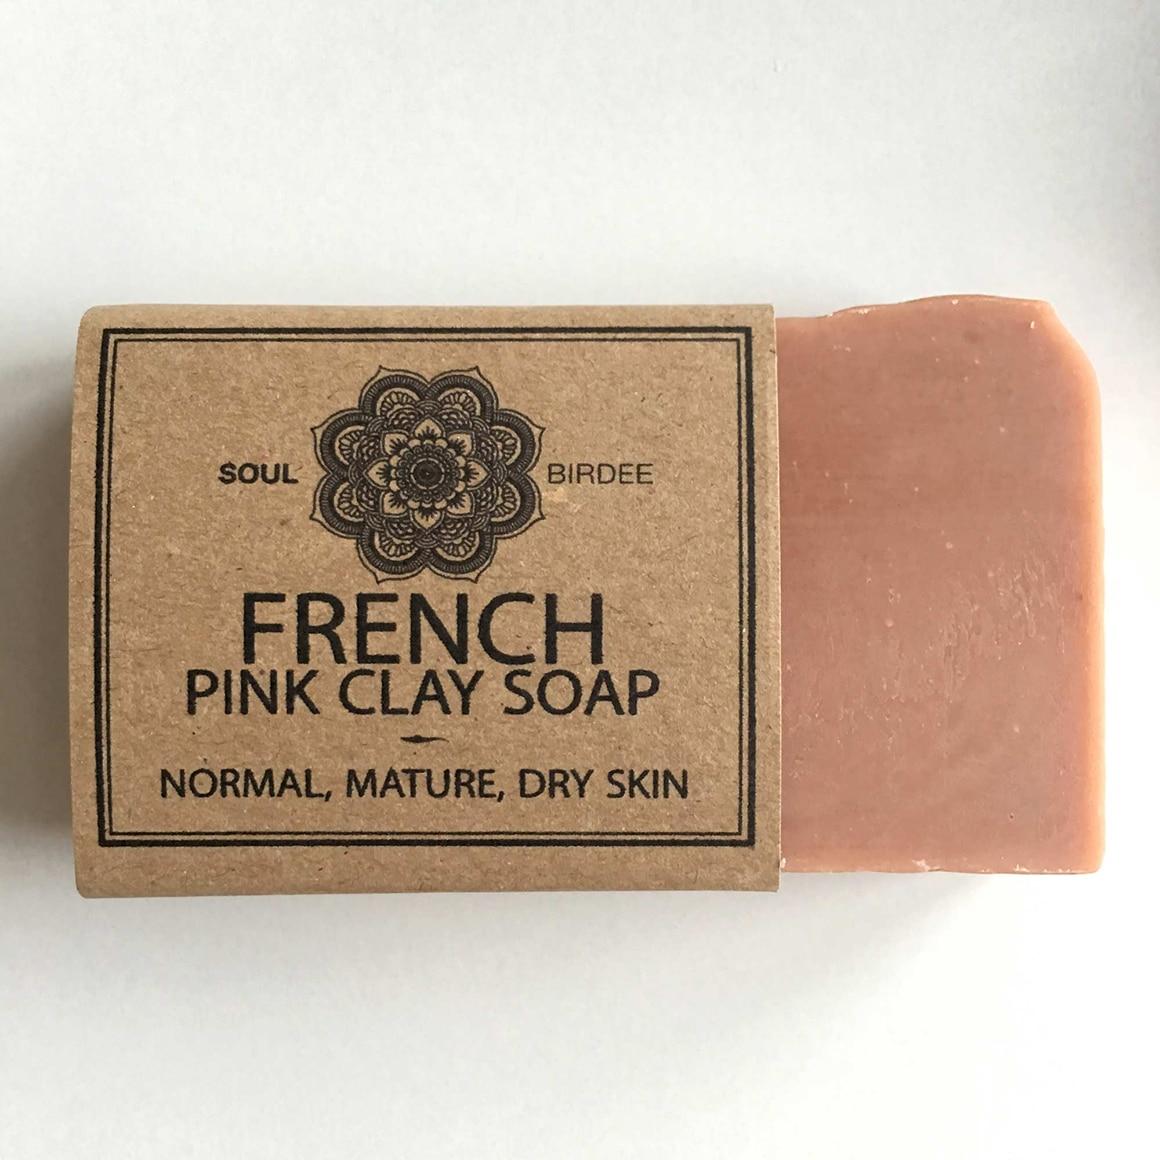 Vegane Gesichts Seife aus Rosa Tonerde, natürliche Inhaltsstoffe